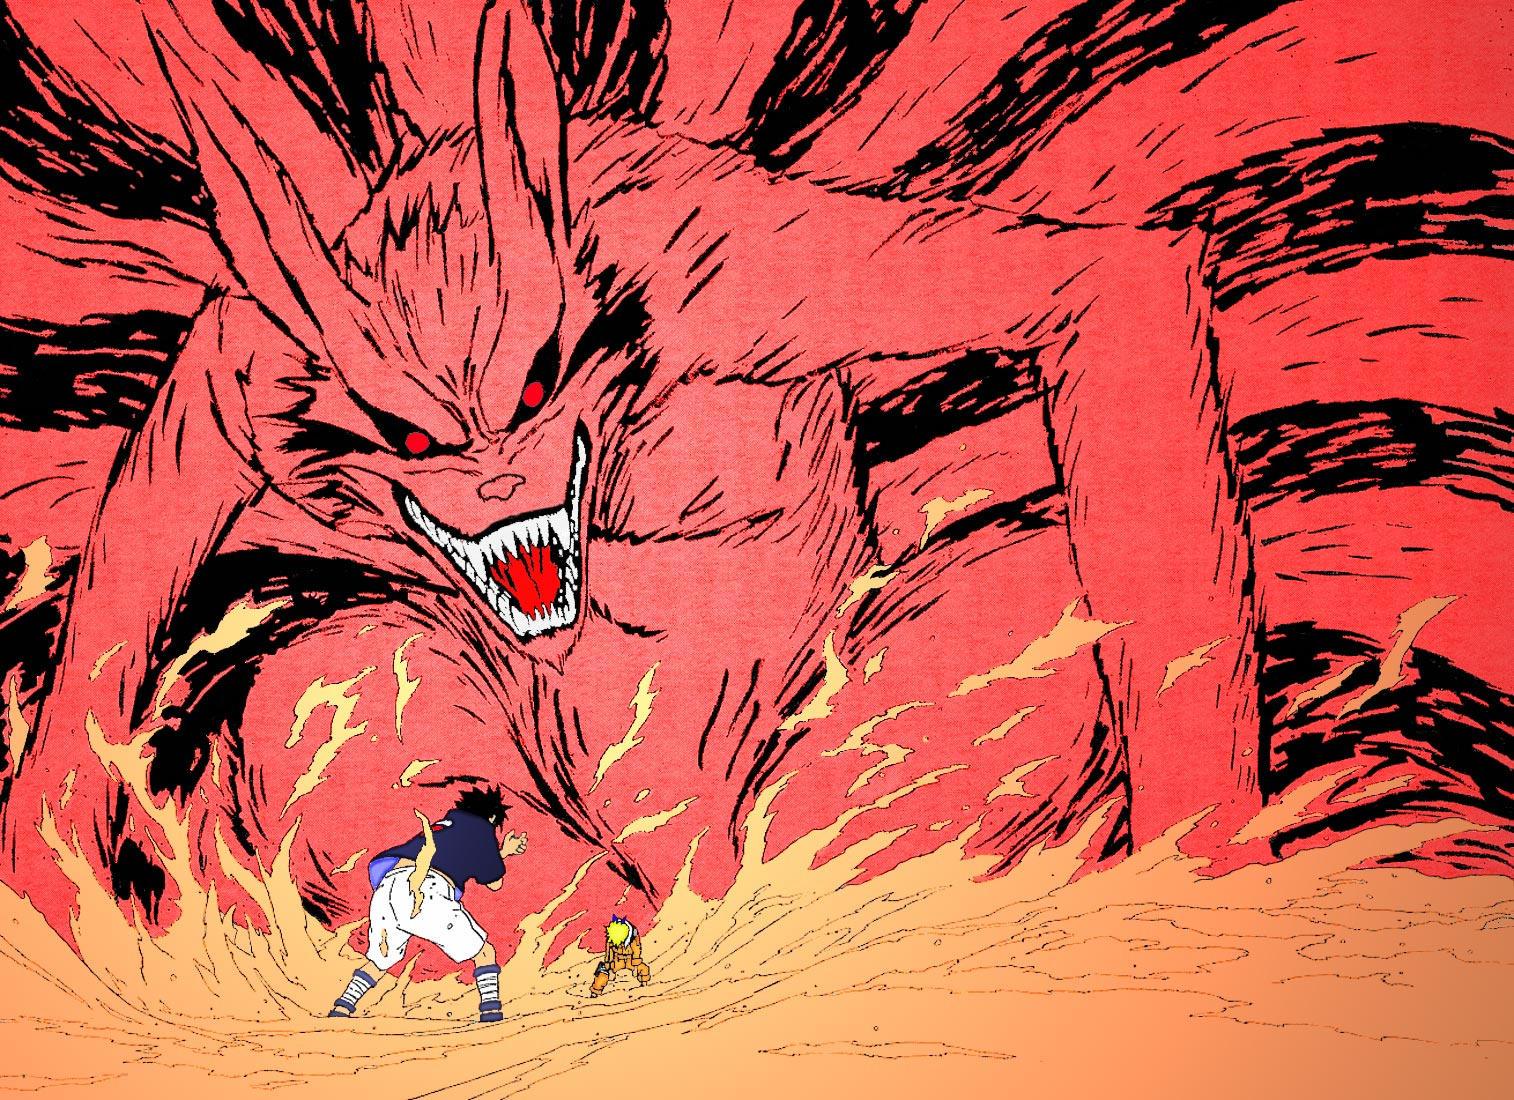 naruto kyuubi vs sasuke -#main